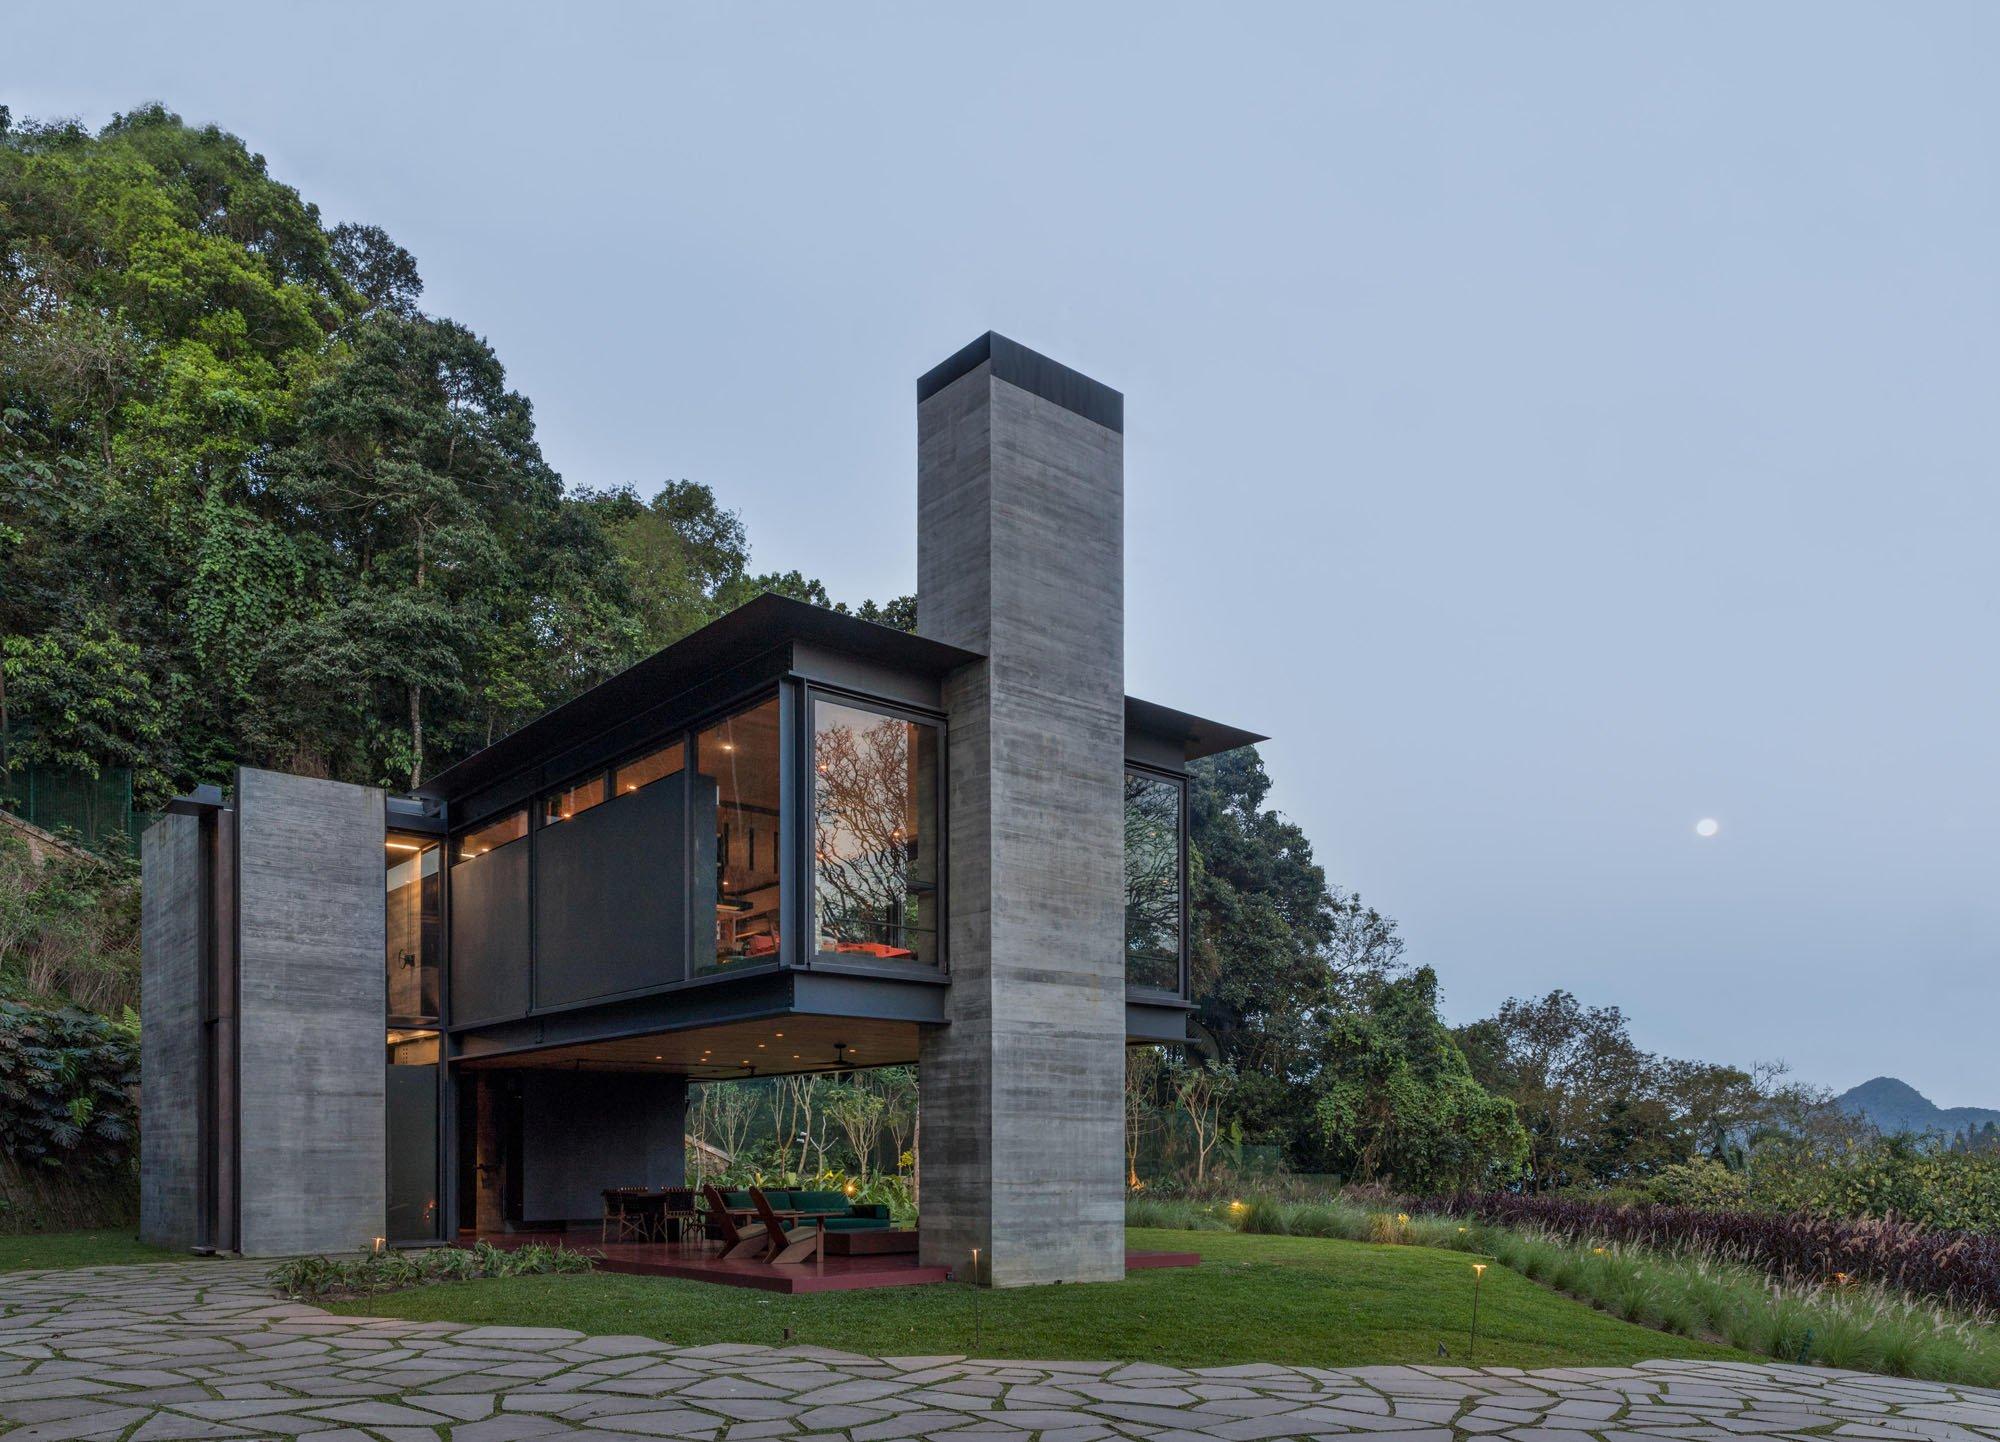 Innen oder Außen? Die Frage erübrigt sich bei diesem Wohnhaus, das Olson Kundig aus Seattle am Zuckerhut in Brasilien errichtet haben: eine Ode an die Natur – und die physische Erfahrung von gebautem Raum durch pure Muskelkraft.